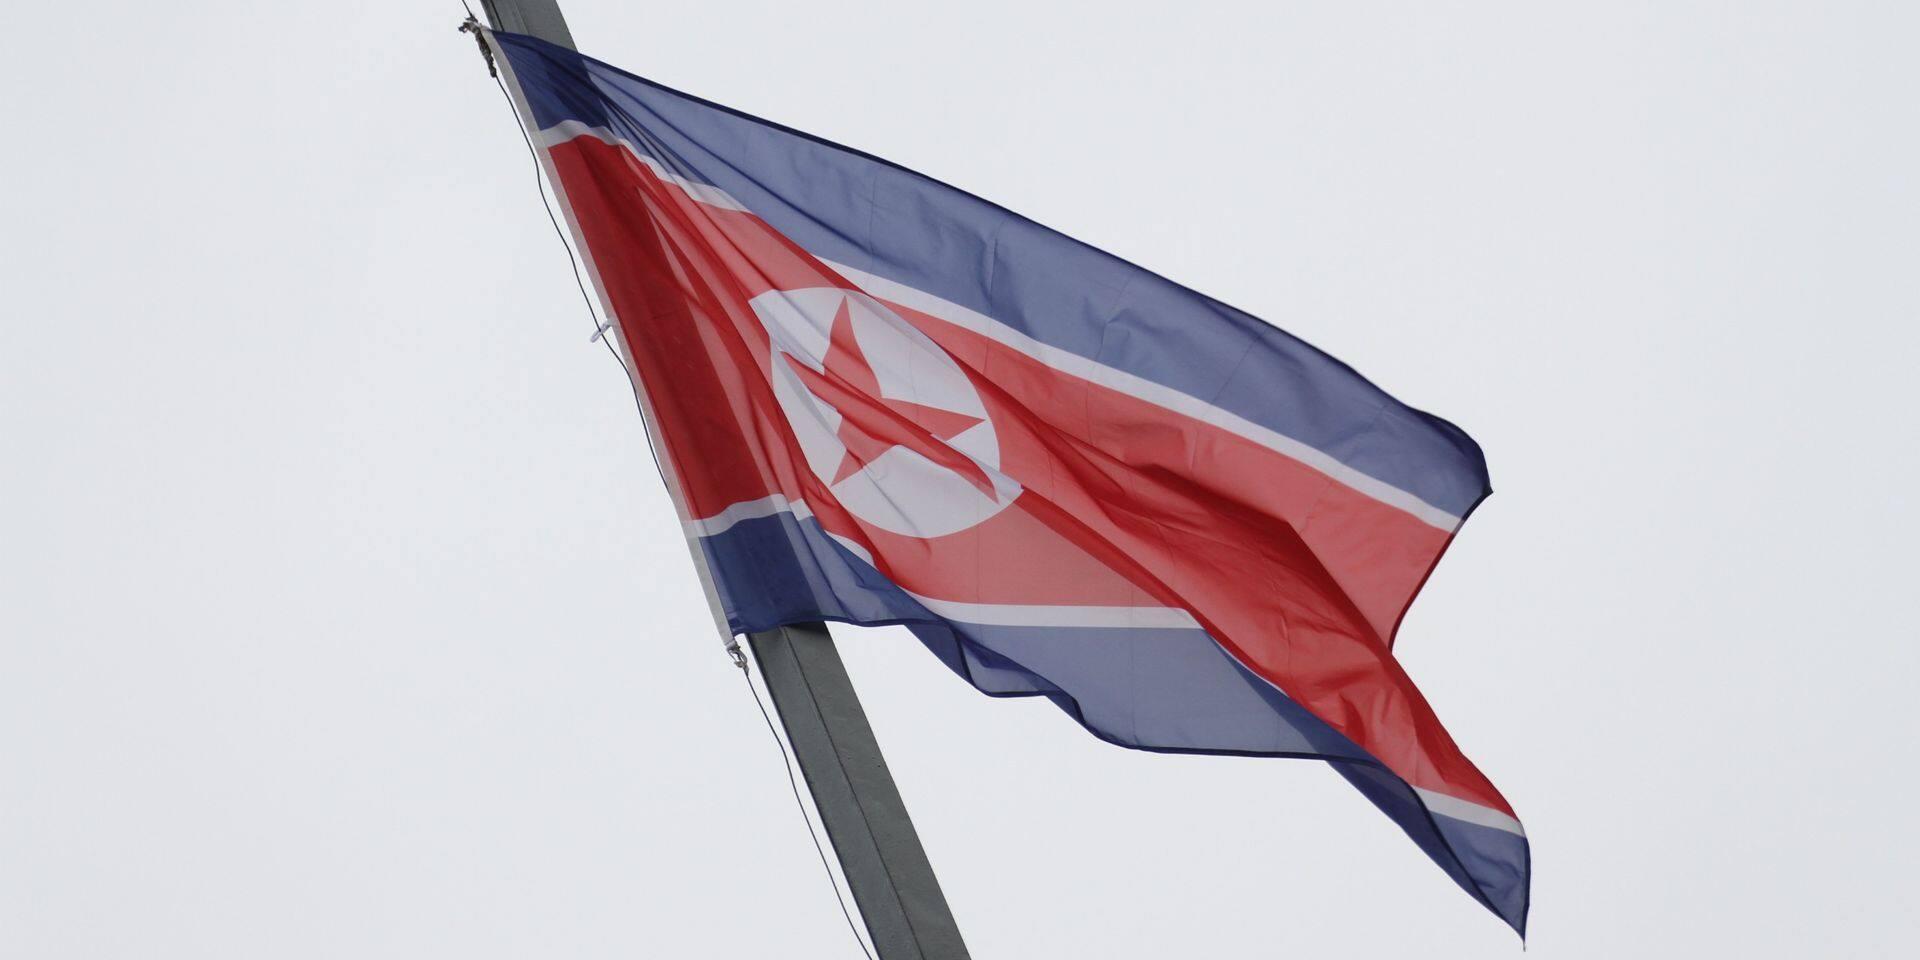 La Corée du Nord veut réduire la présence de l'ONU sur son sol